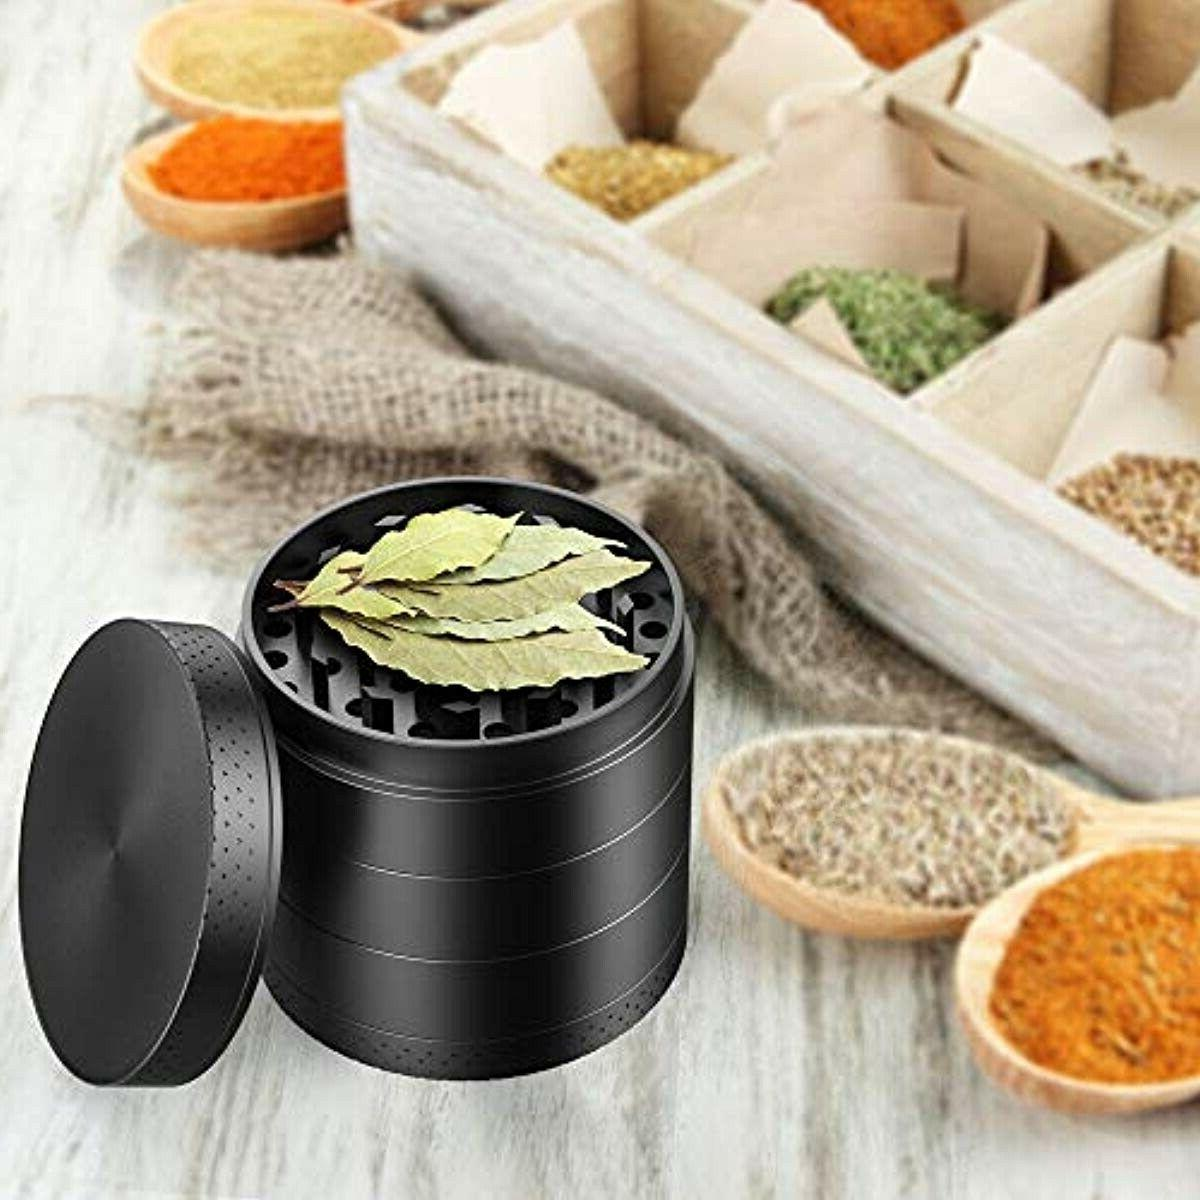 iRainy Spice Herb Grinder Inch, Black